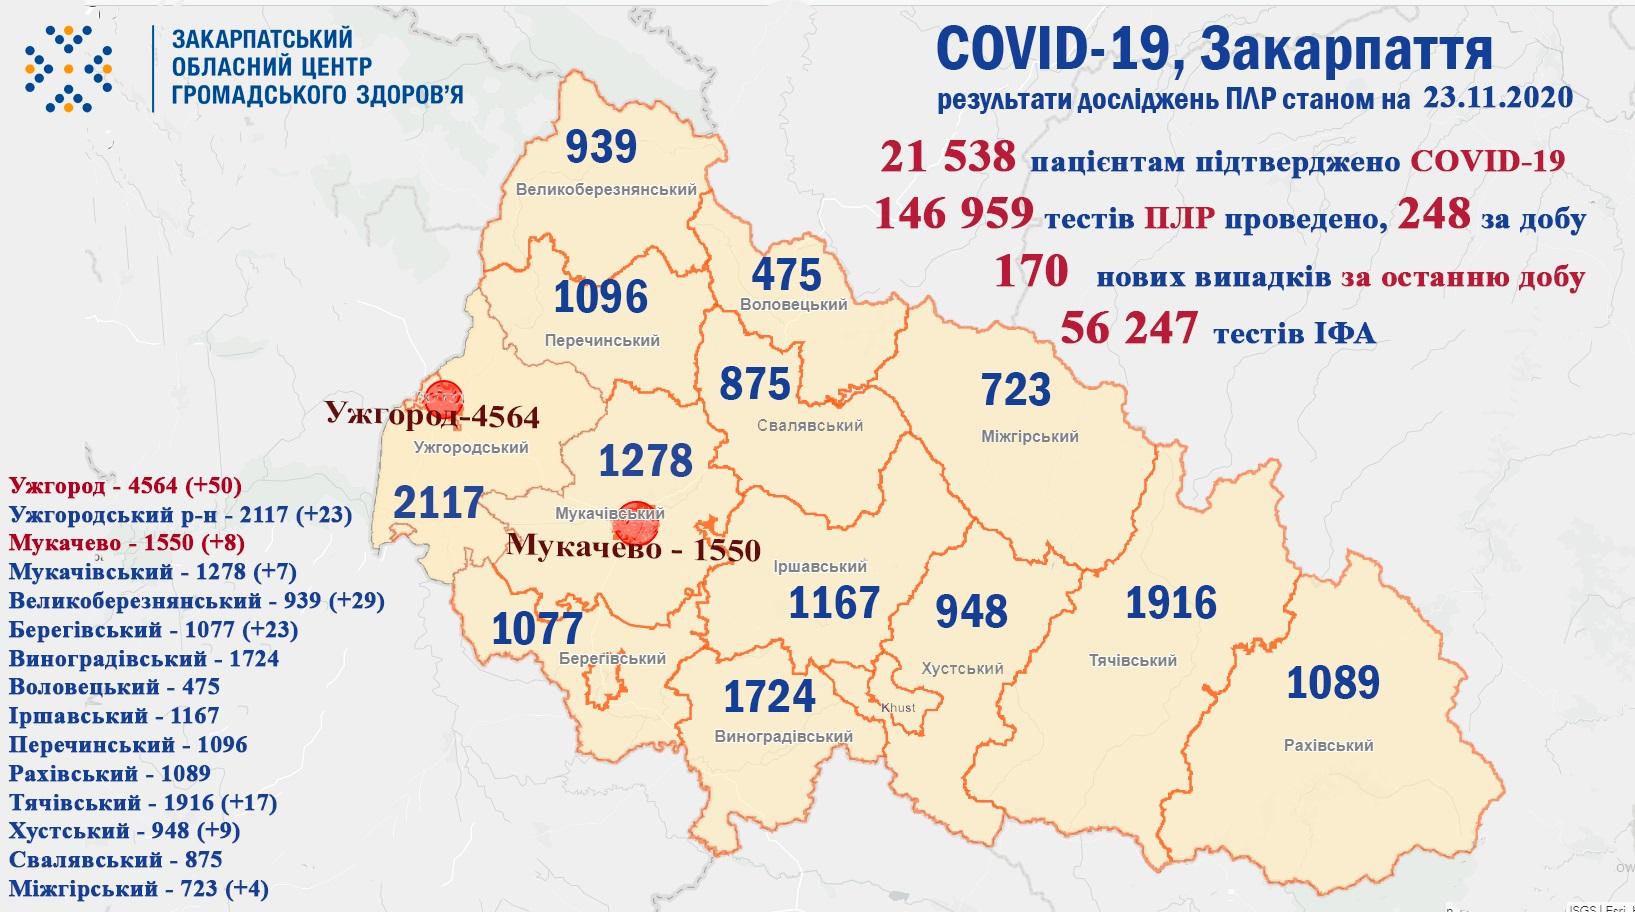 За добу на Закарпатті виявили 170 нових випадків COVID-19